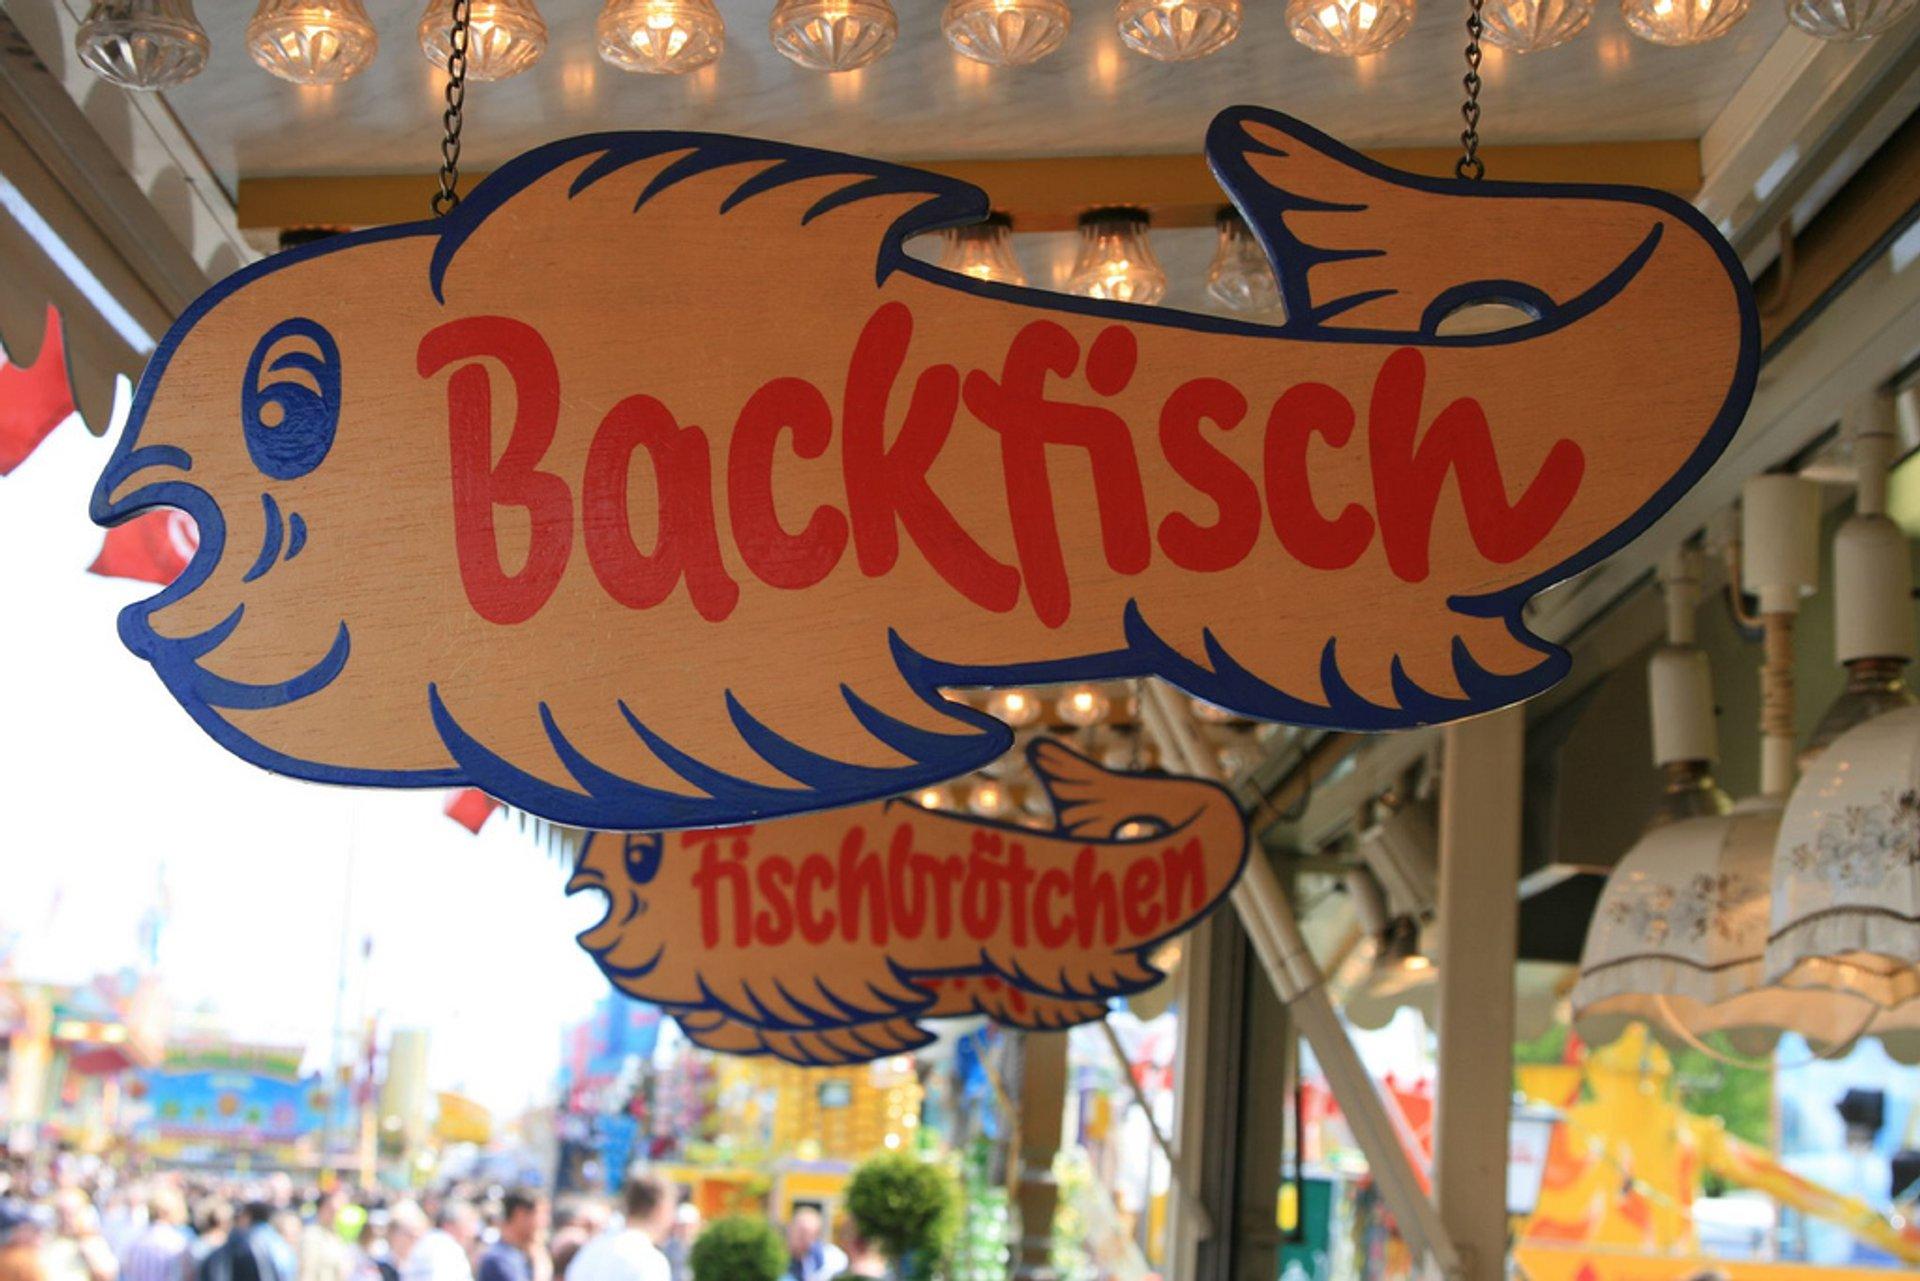 Frühlingsfest Stuttgart (Stuttgart Spring Festival) in Germany - Best Season 2020